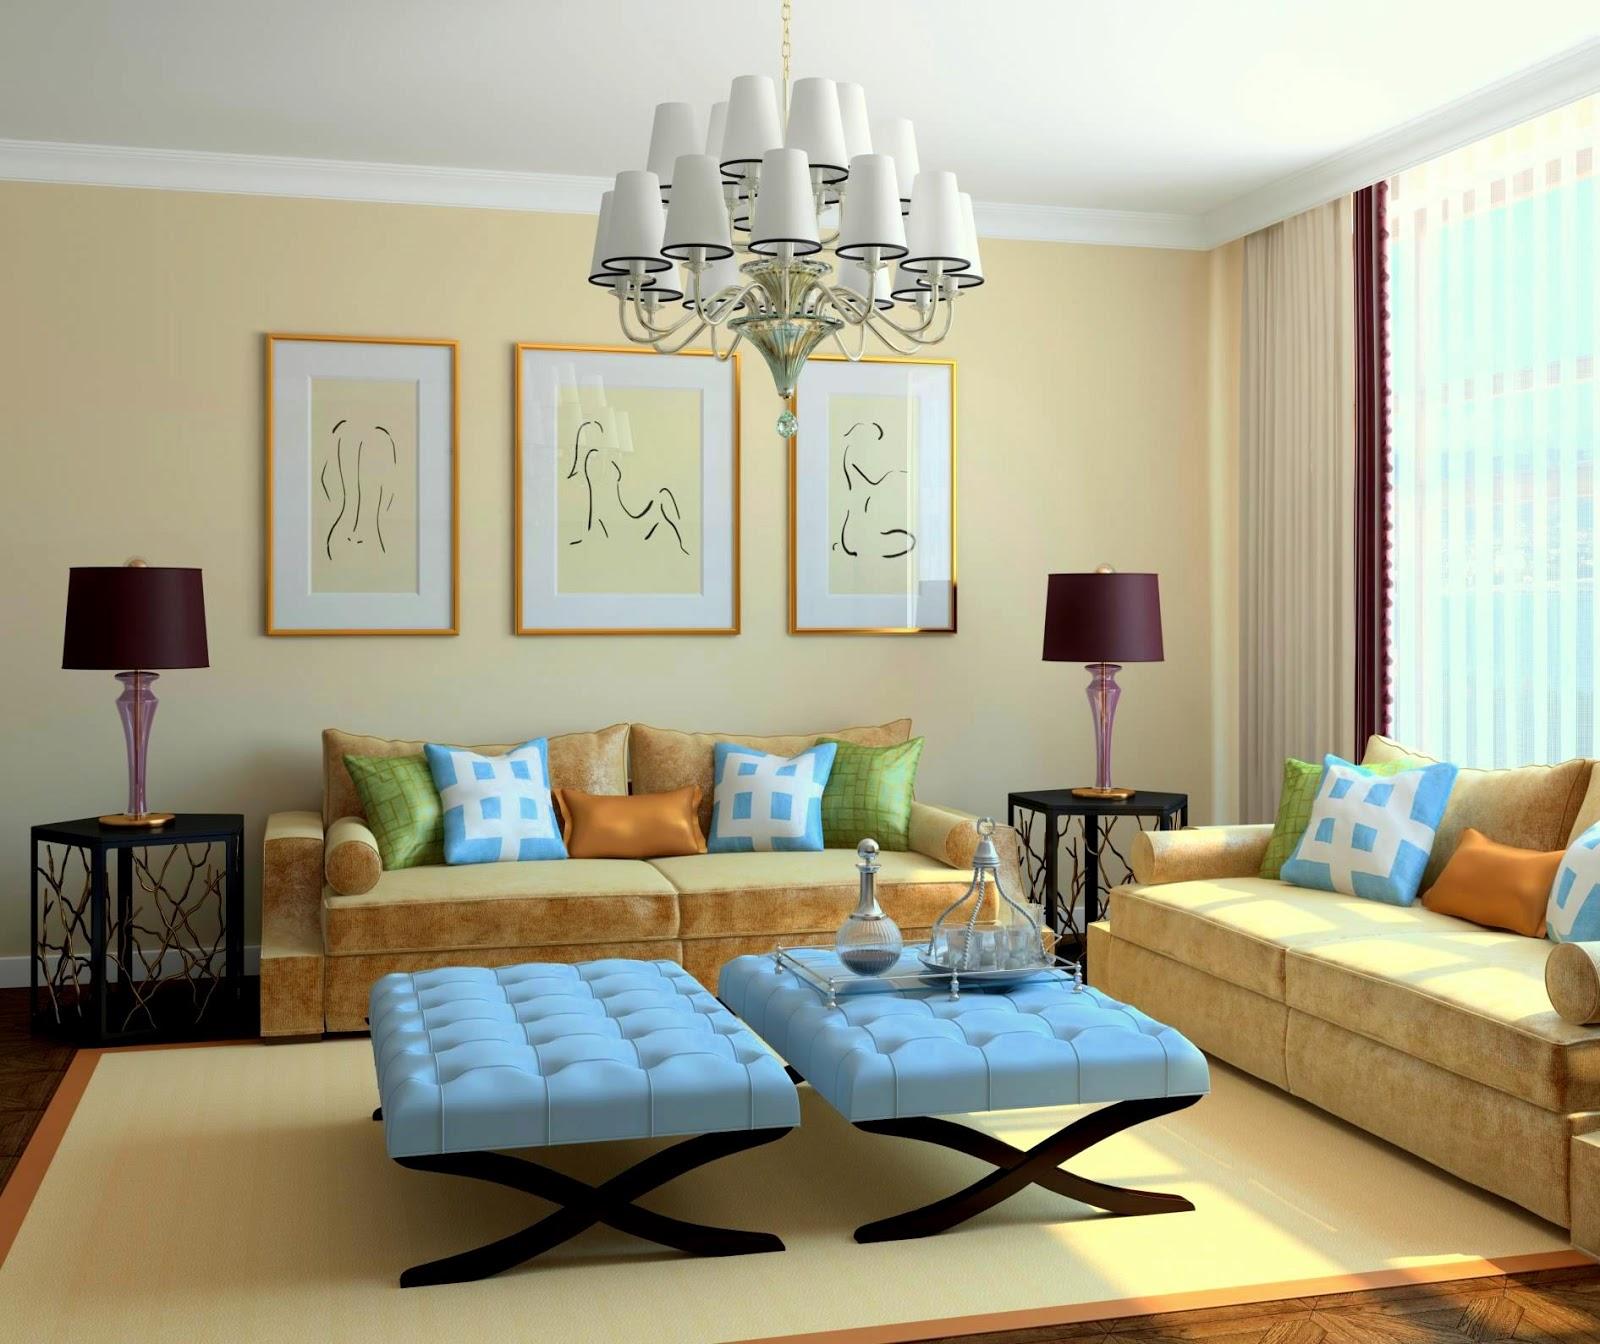 Beberapa Contoh Desain Interior Ruang Tamu Vintage Terbaru